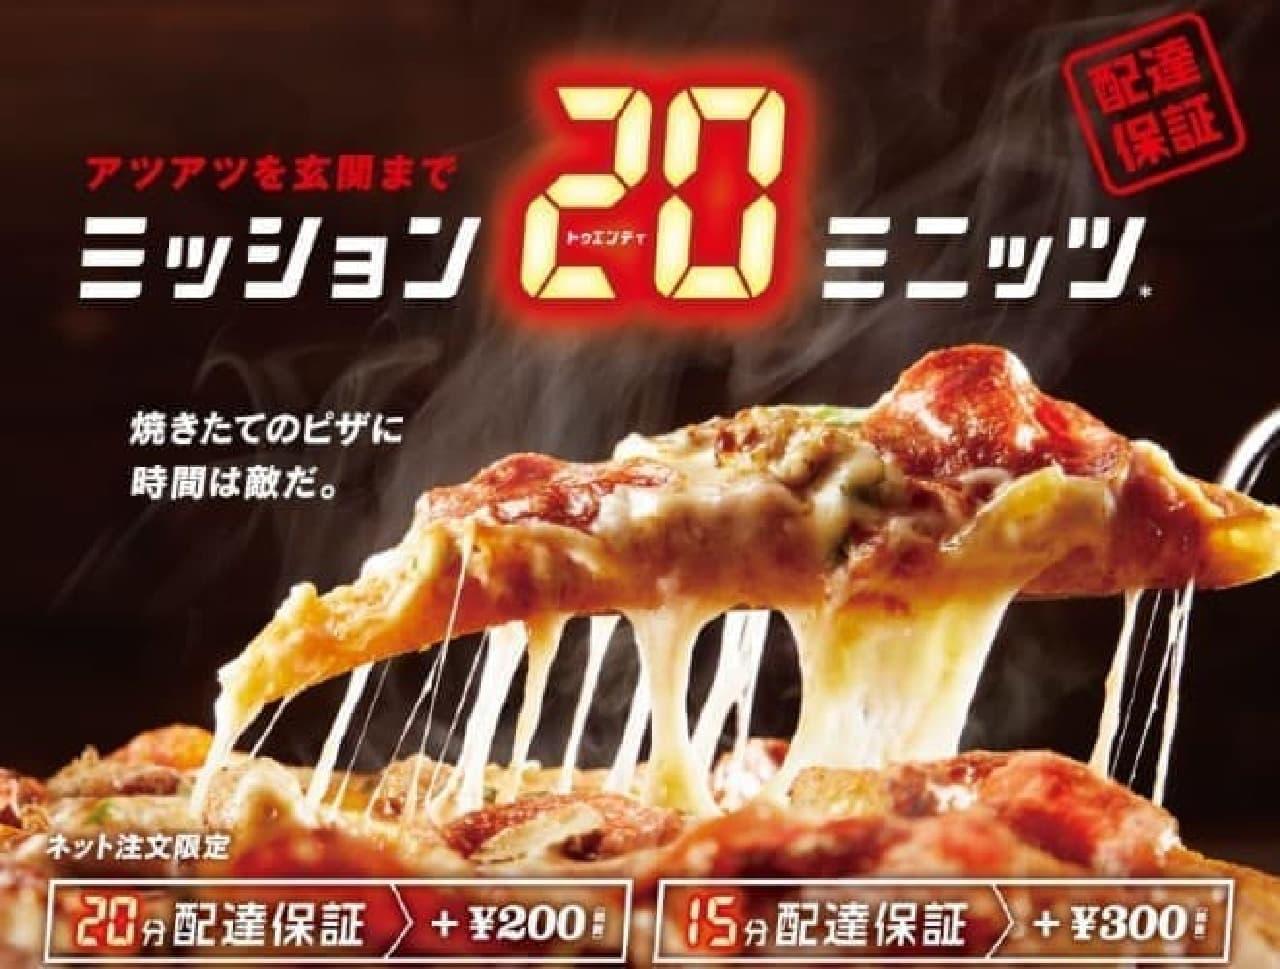 ドミノ・ピザ「ミッション20ミニッツ」